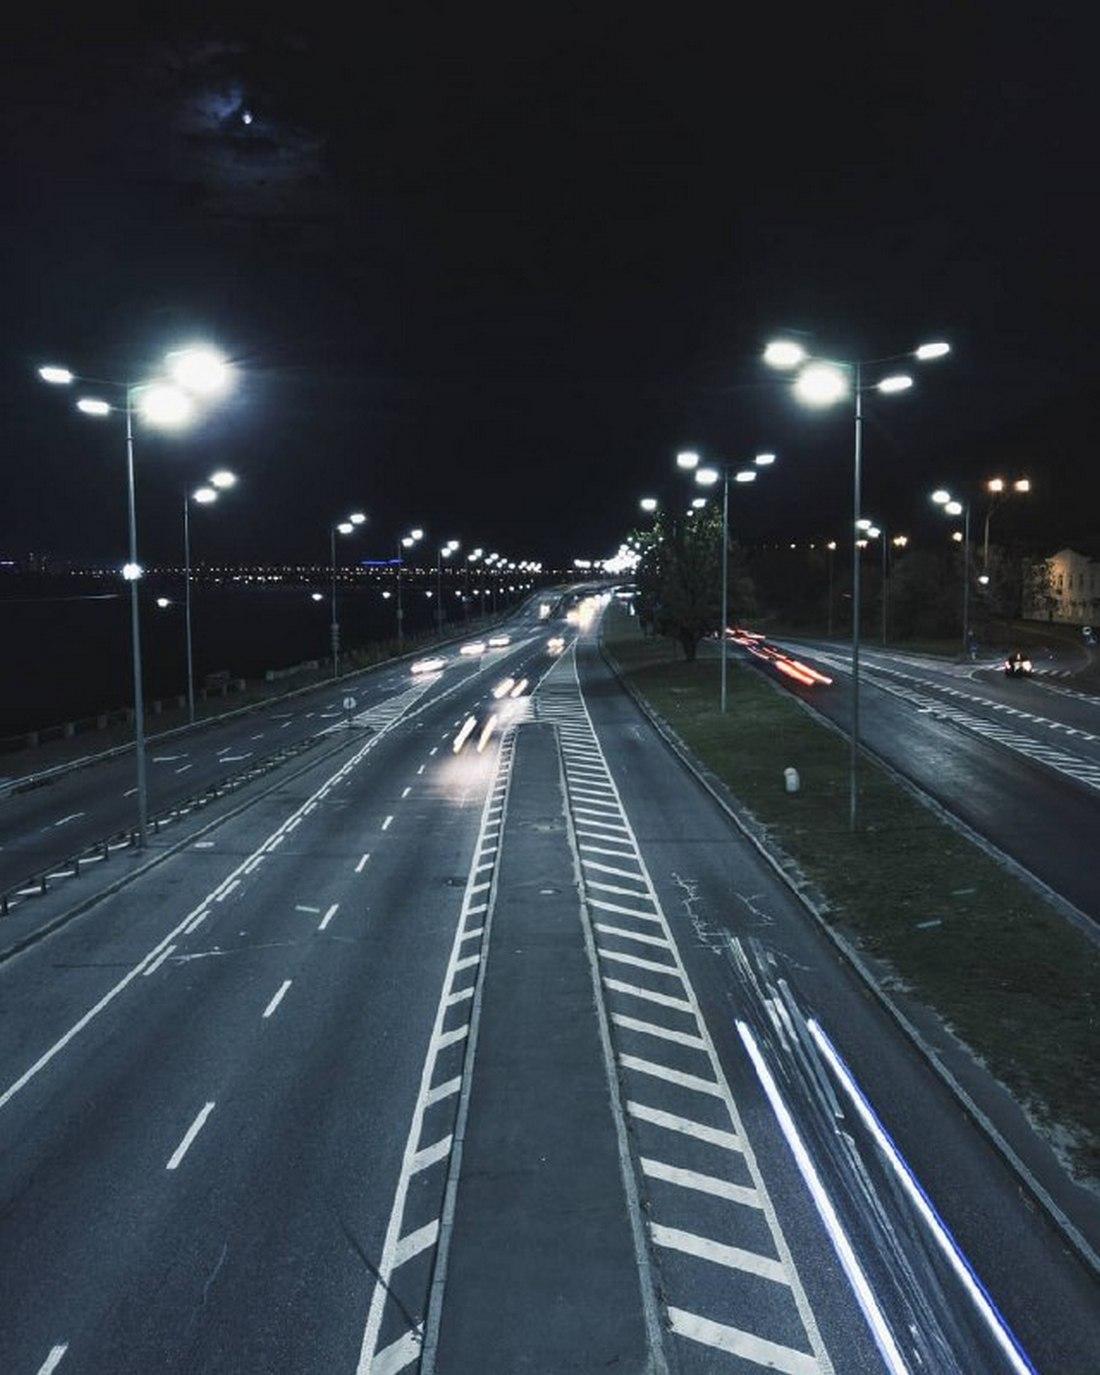 Вид ночных магистралей со станции метро. Фото: @a_kalnauzov